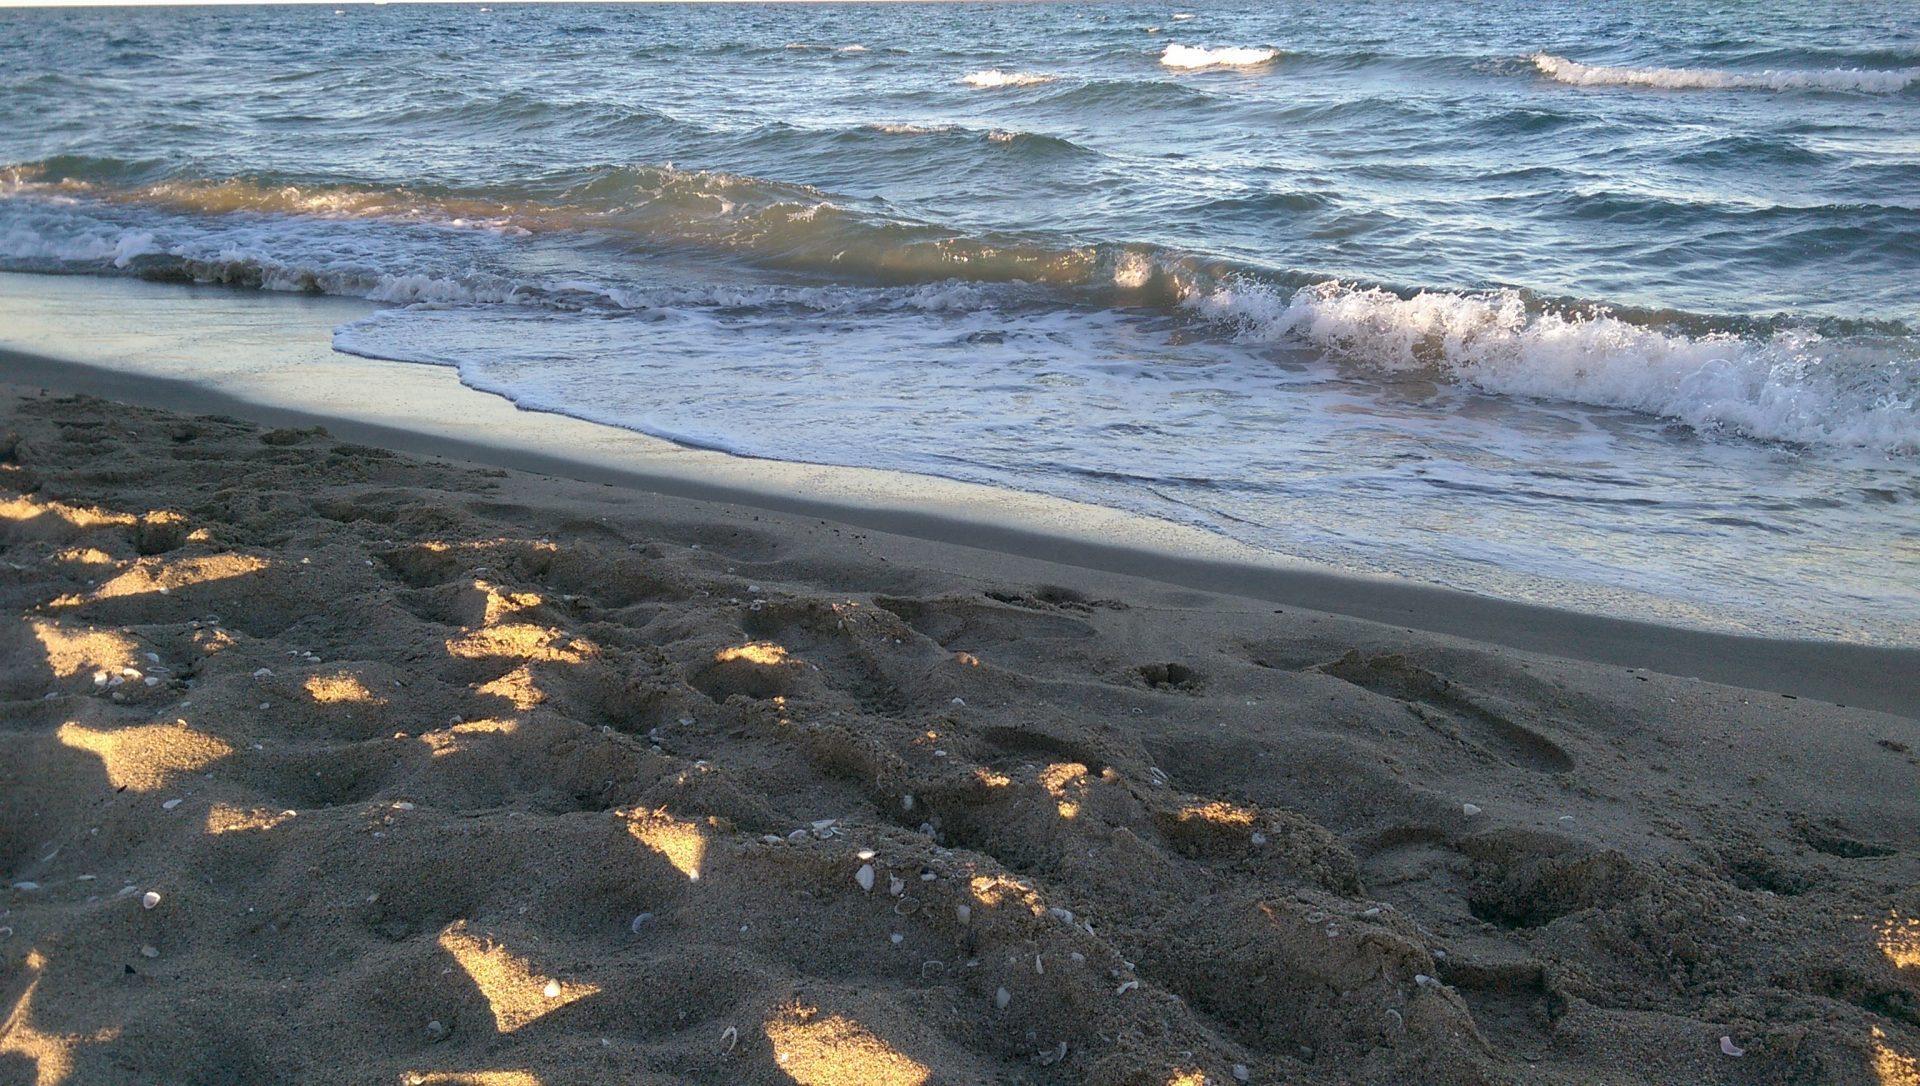 Un petit verre à la mer après l'effort - Crédit photo izart.fr